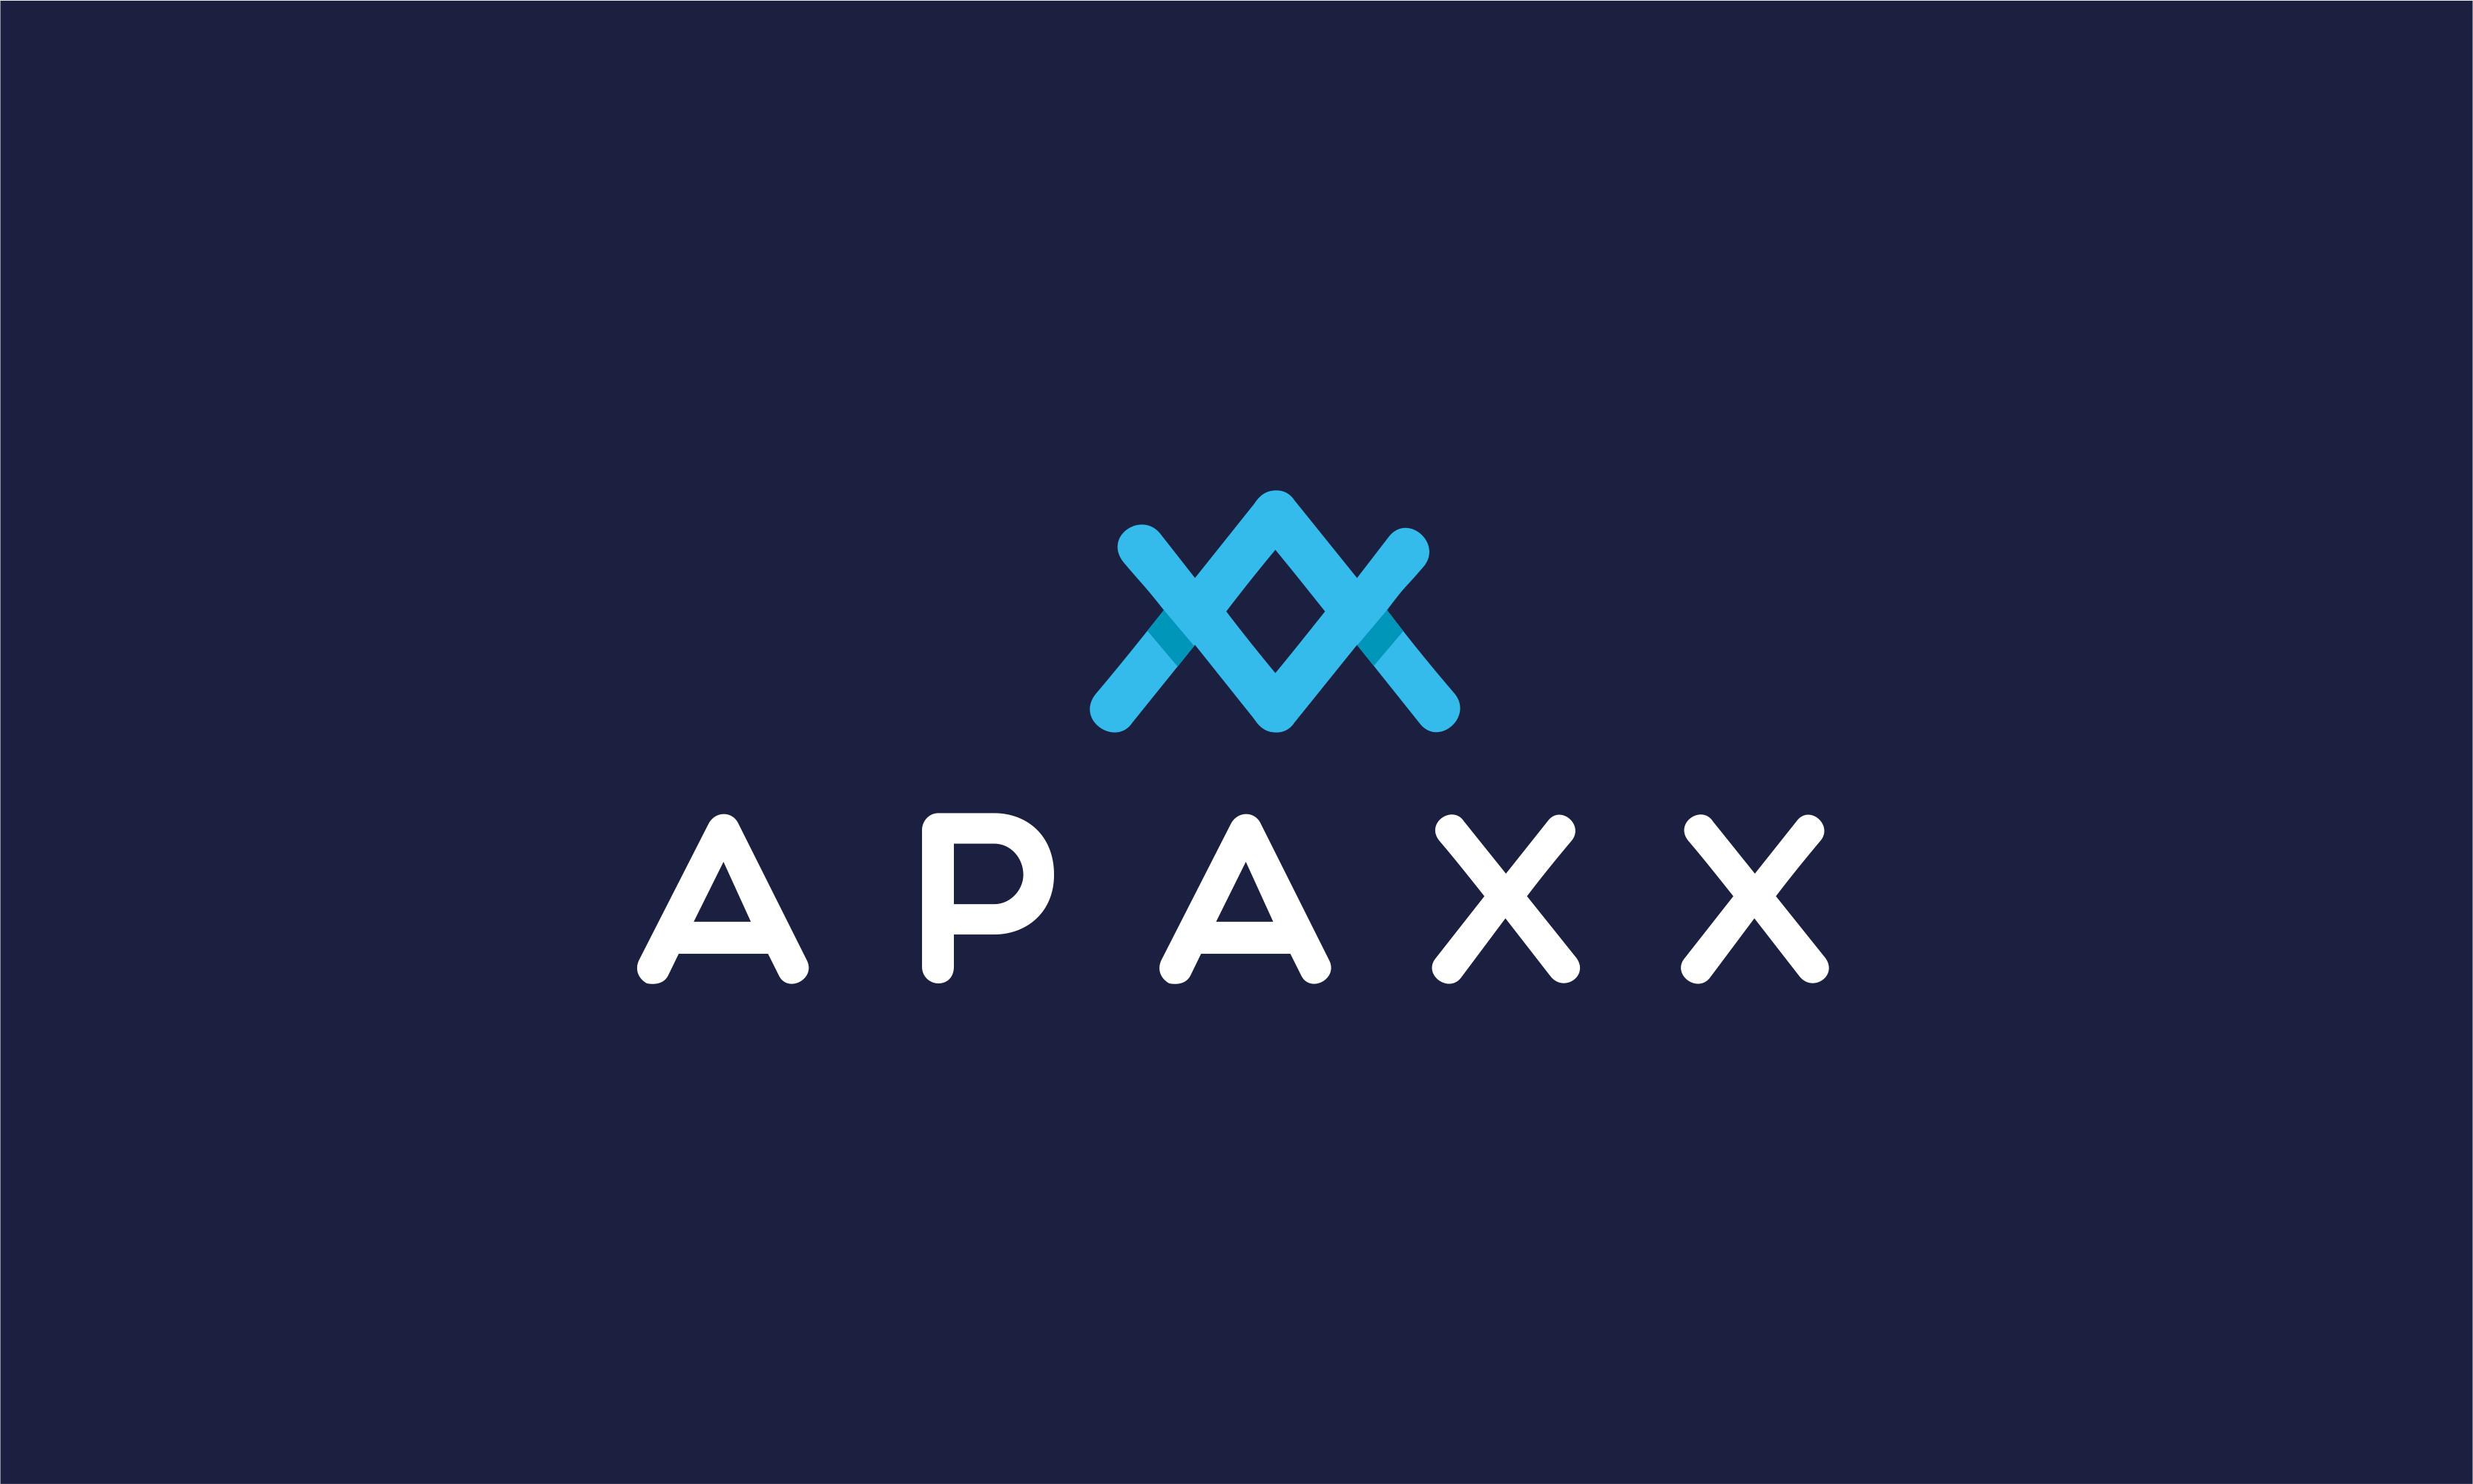 Apaxx